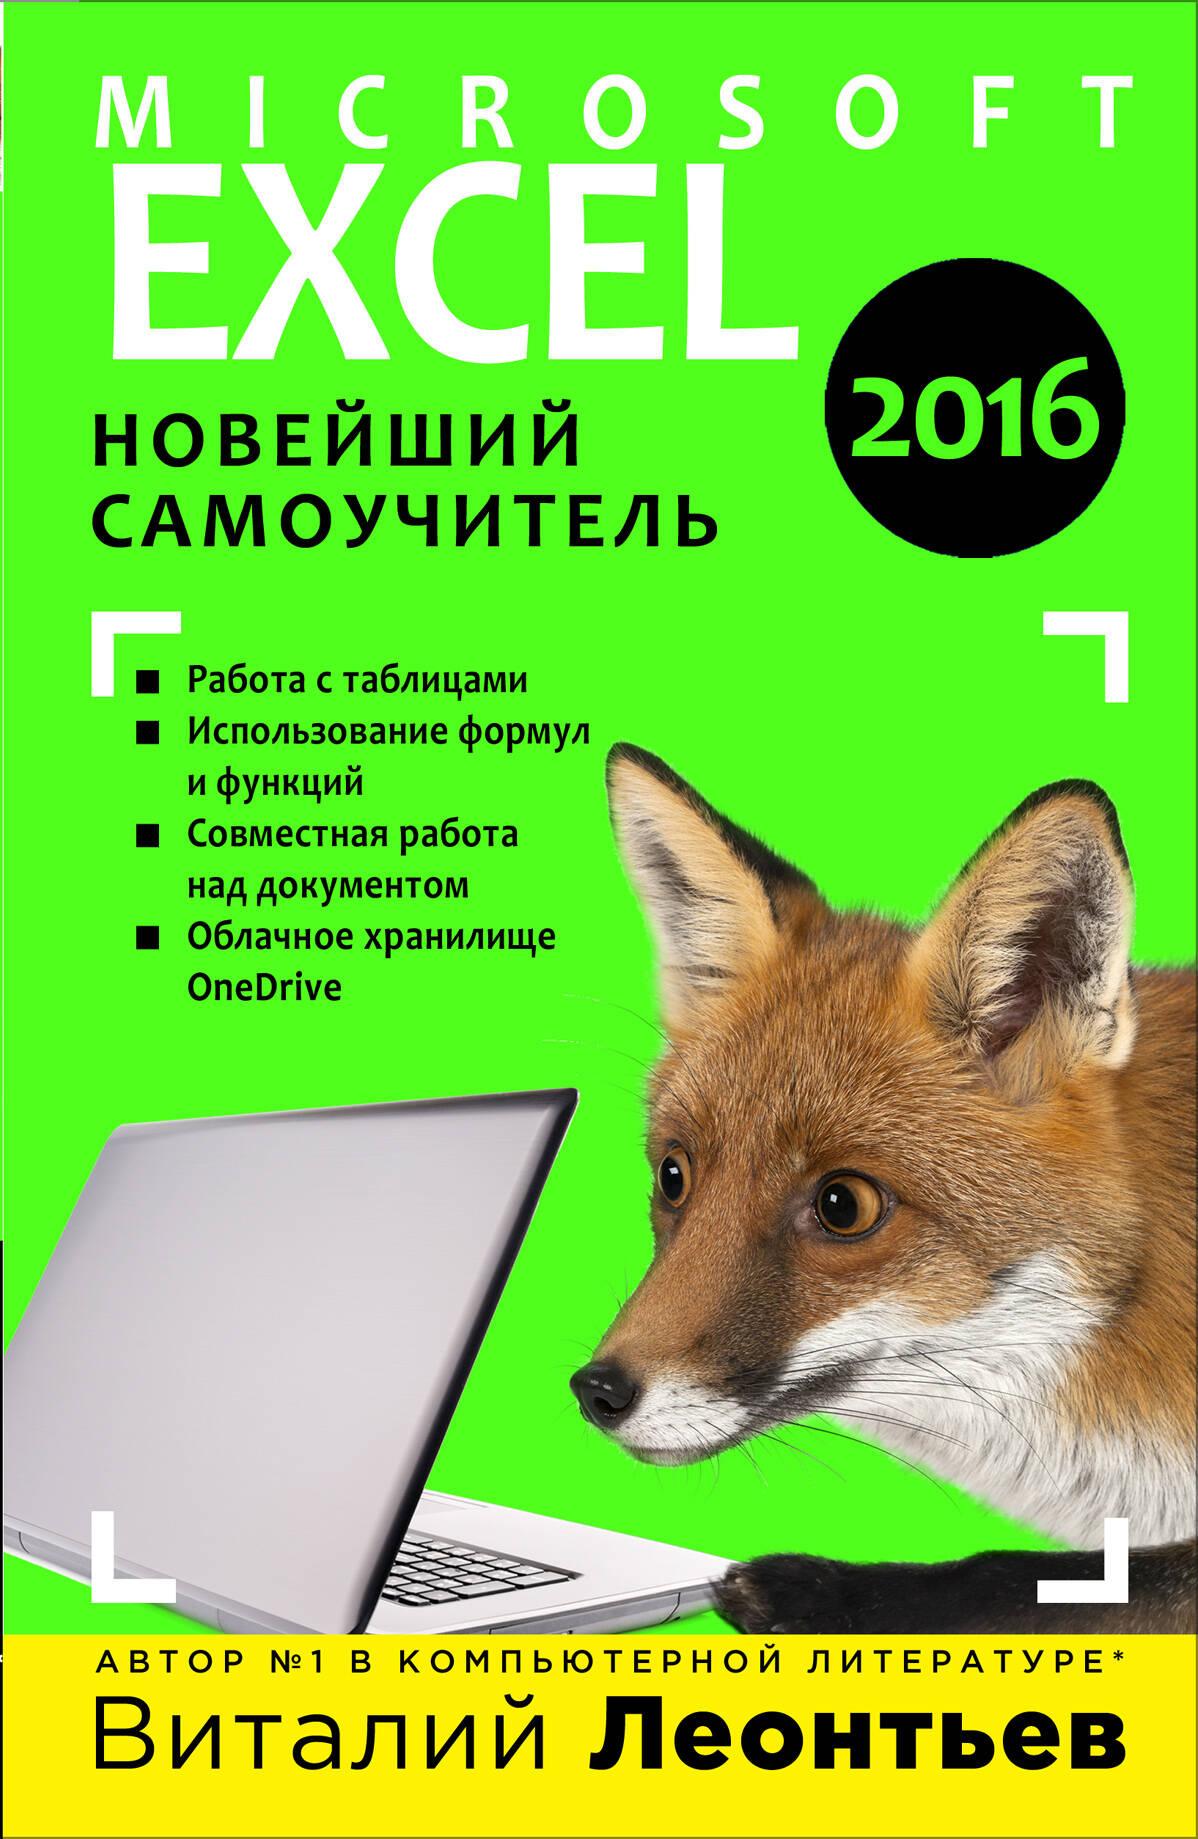 Леонтьев Новейший Самоучитель Компьютер Интернет